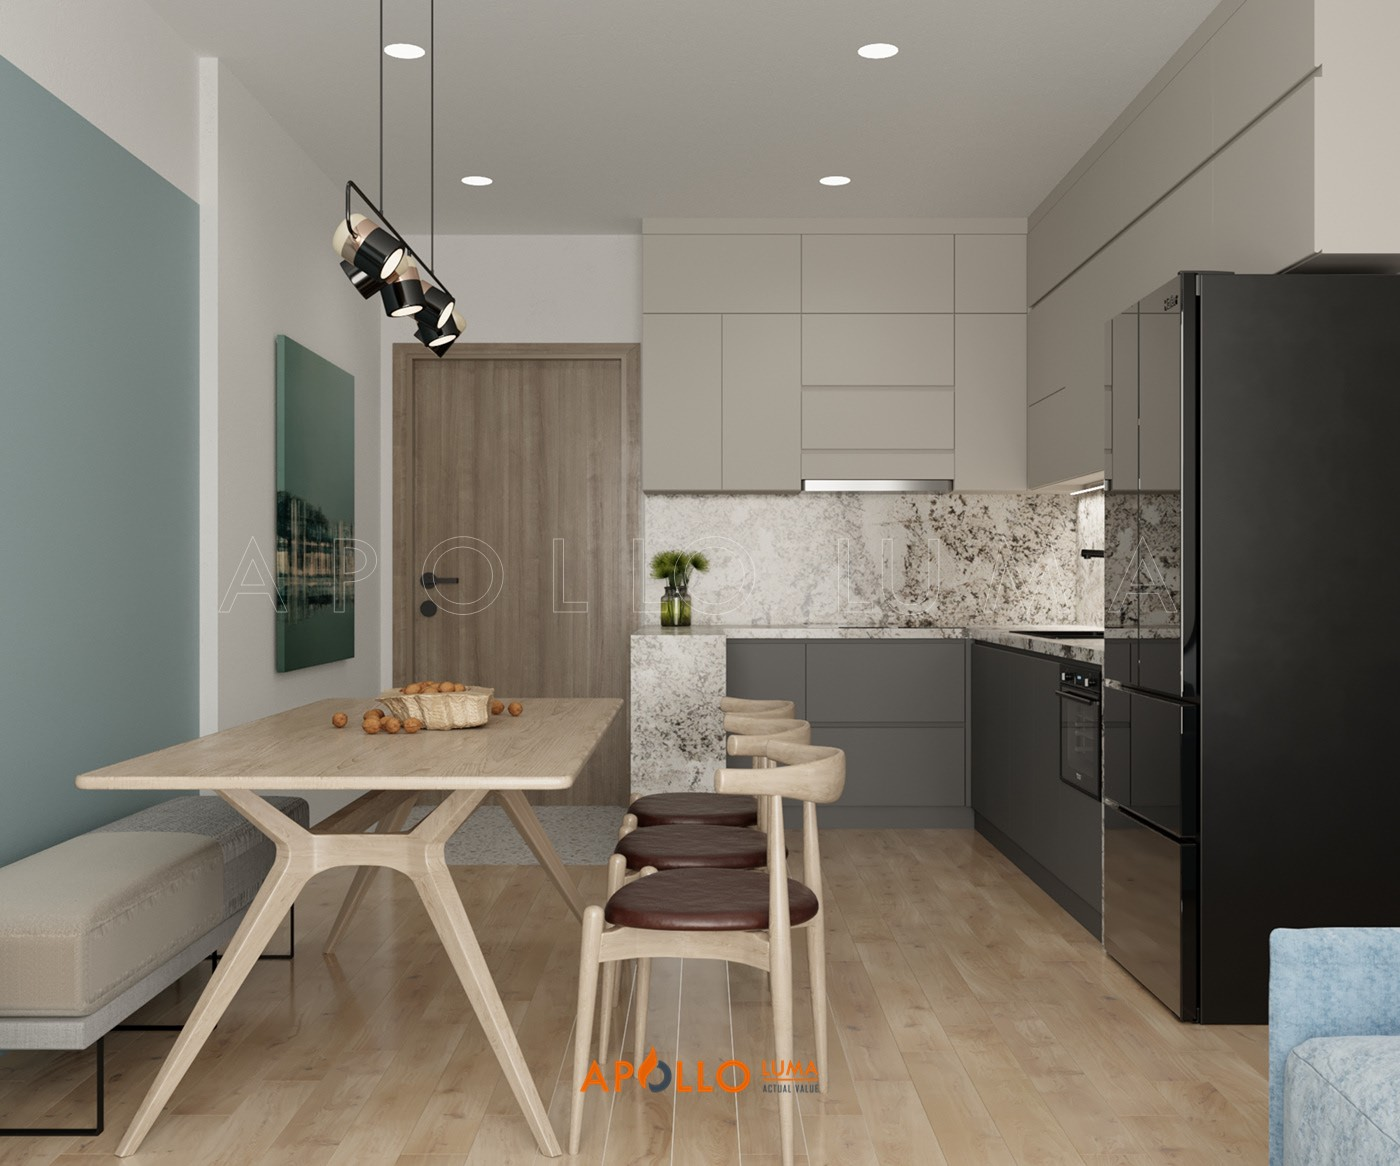 Thiết kế nội thất căn 3PN (75m2) S4.02-12 Vinhomes Smart City Tây Mỗ